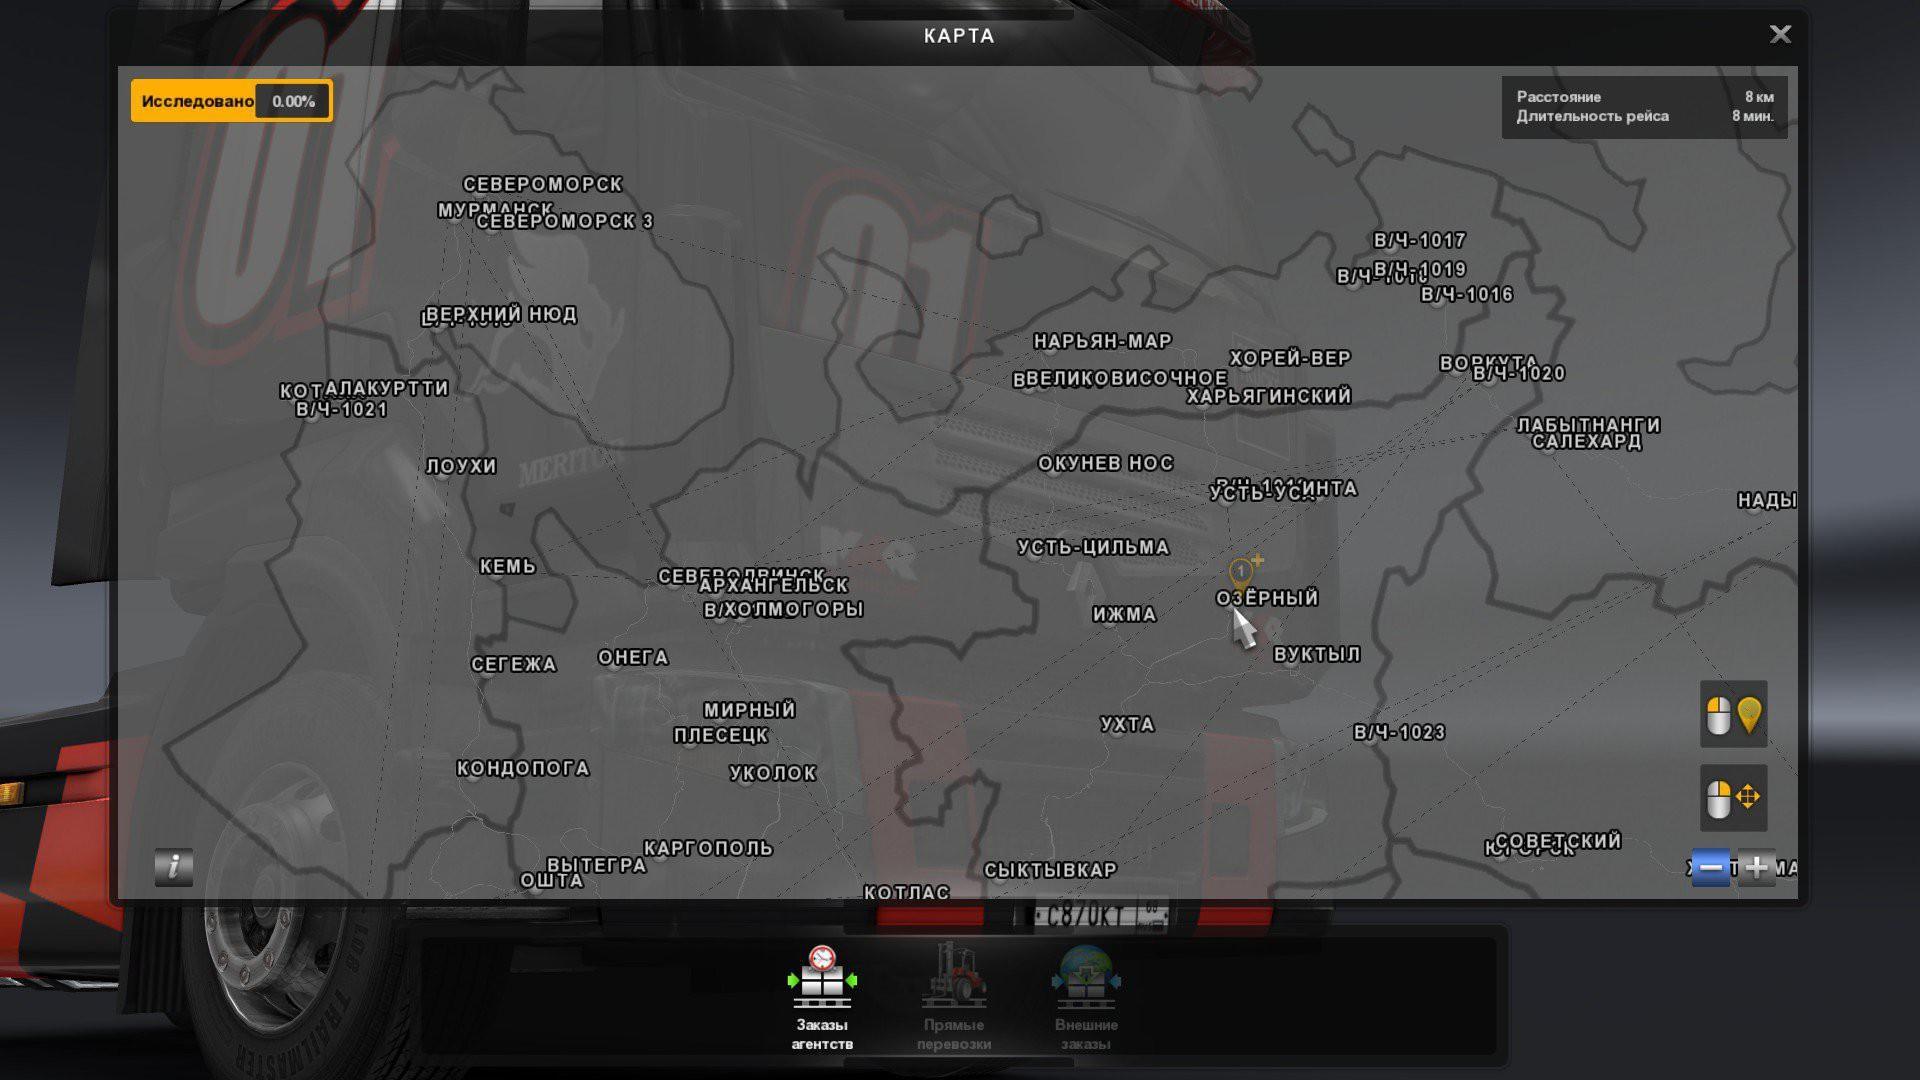 огни моды для евро трек симулятор 2 русская карта центр СОНИ